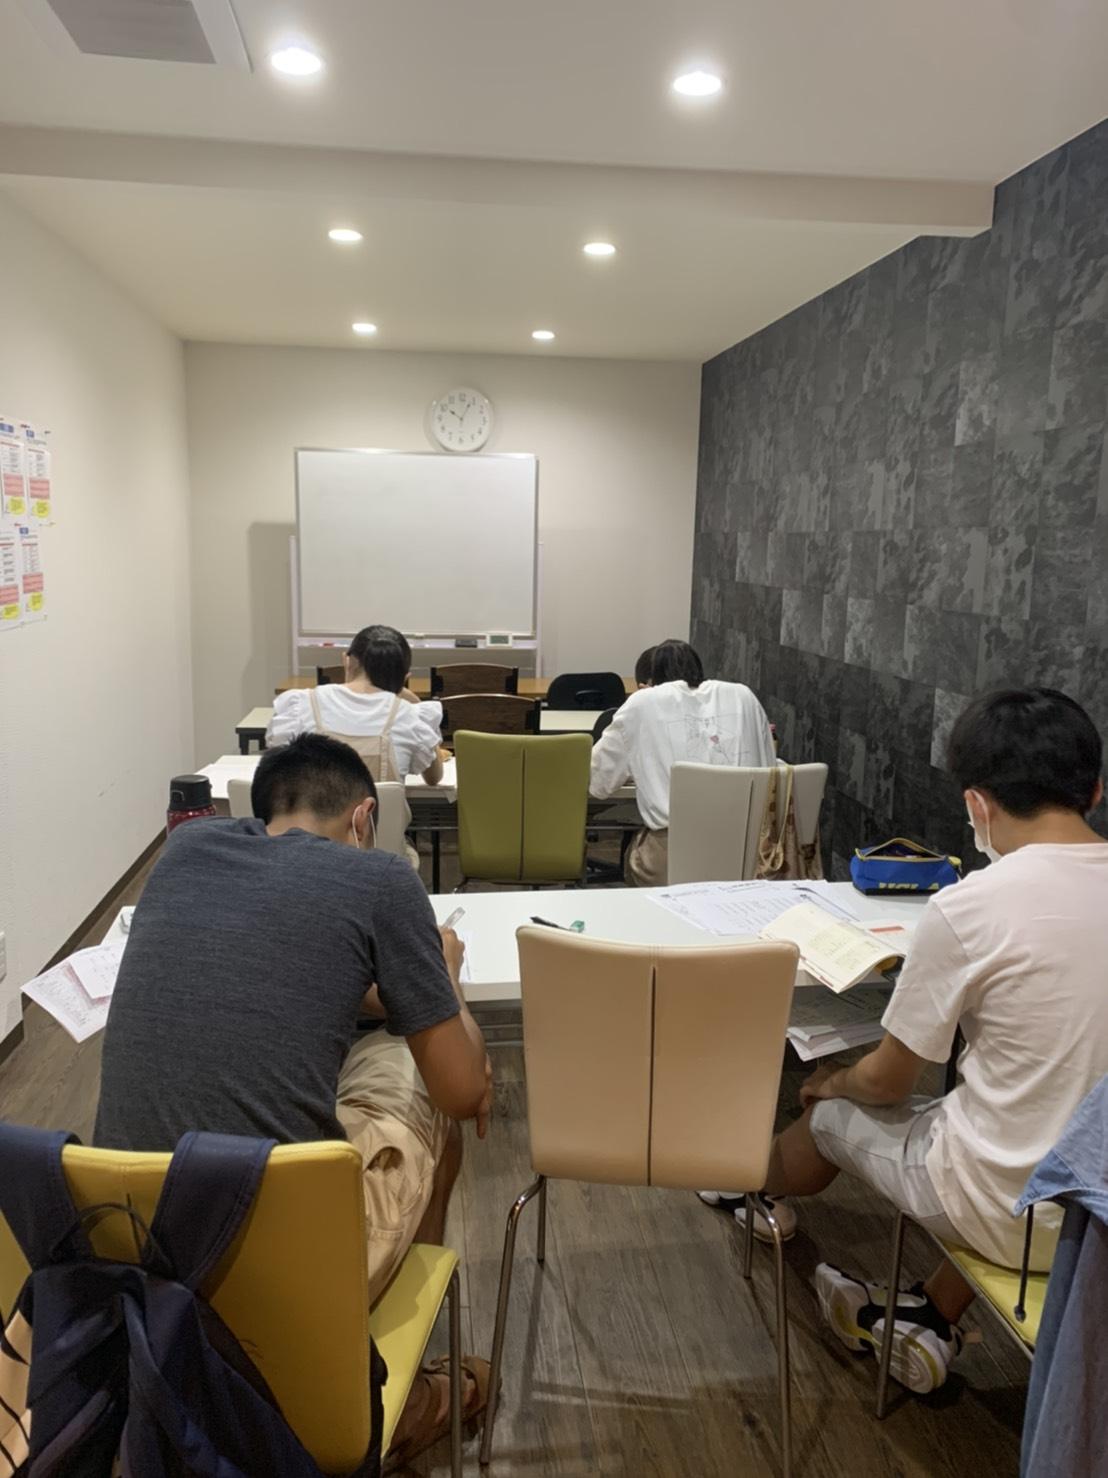 22時過ぎに勉強する生徒たち